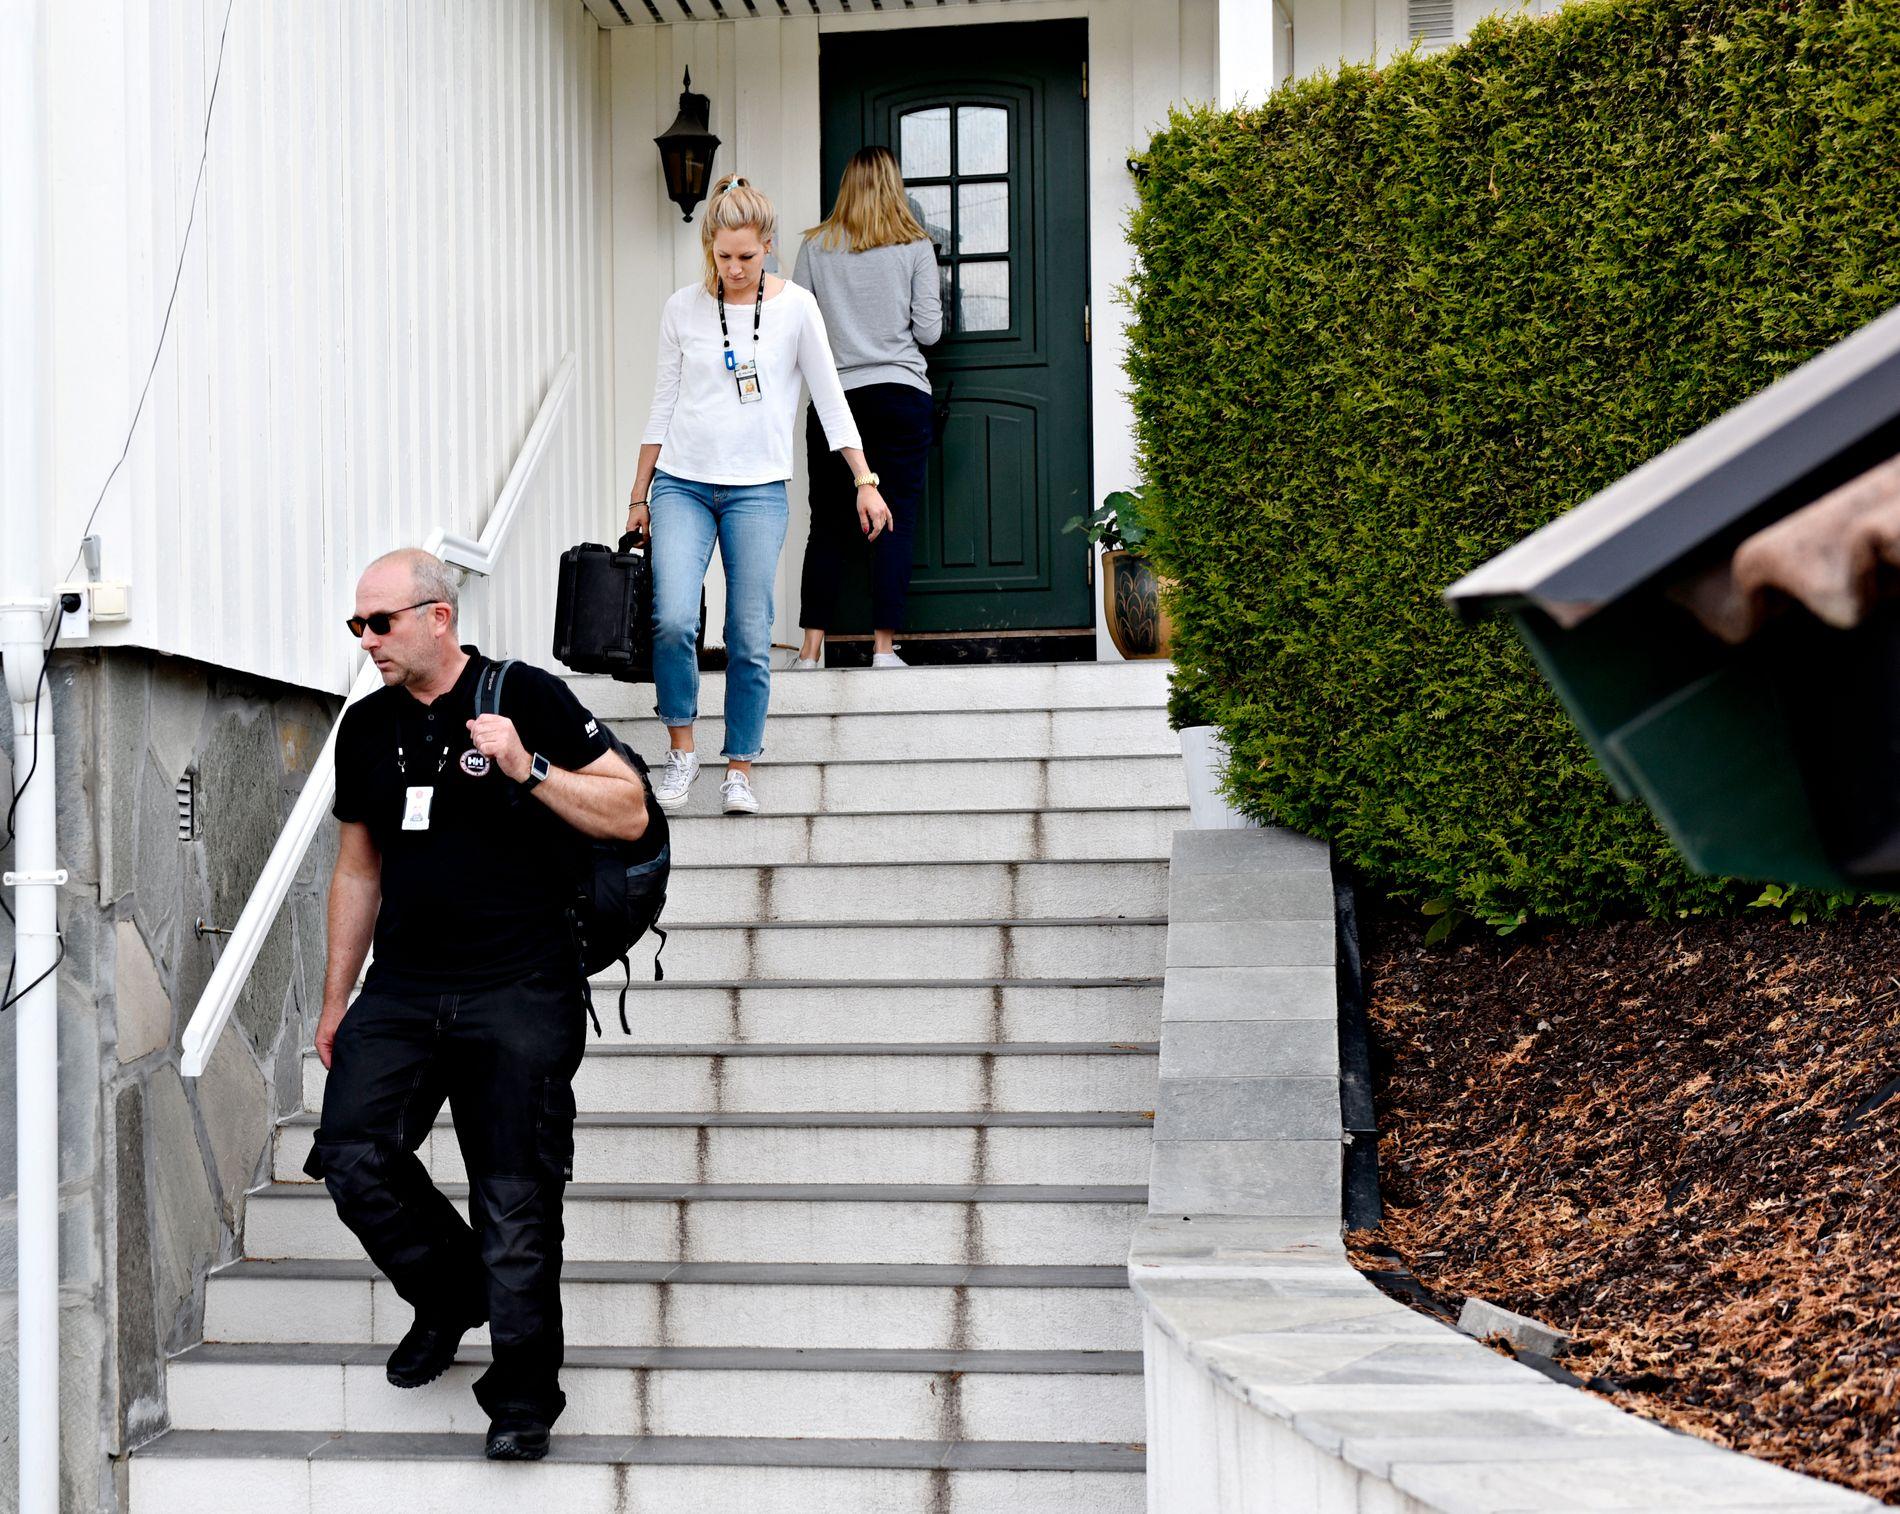 RANSAKET: Her er politiet på vei ut av hjemmet til Amir Mirmotahari i Bærum. Politiet gikk til aksjon i kjølvannet av VGs avsløring for to uker siden.